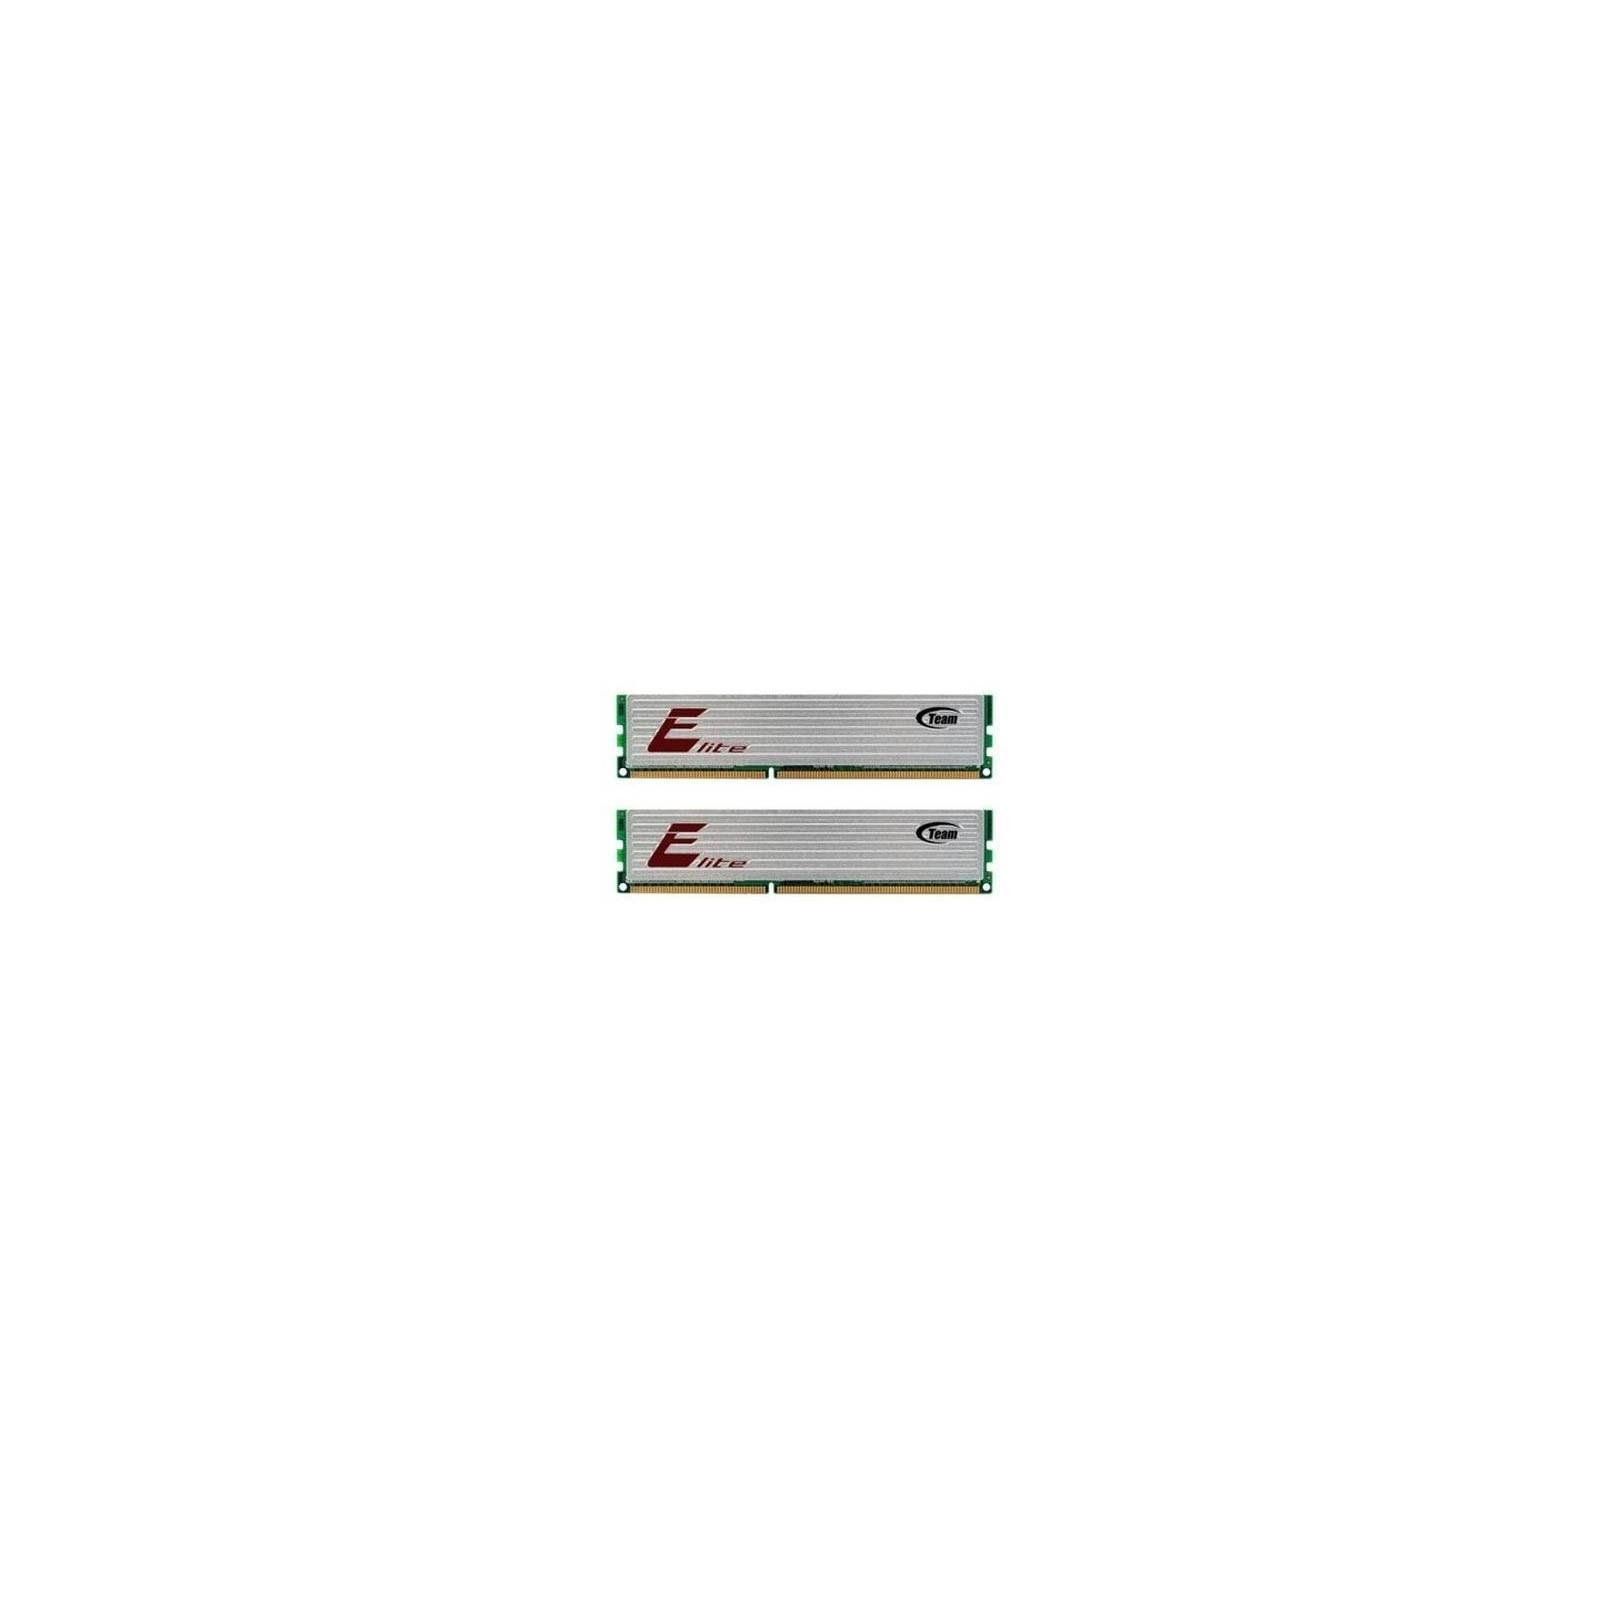 Модуль памяти для компьютера DDR2 4GB (2х2GB) 1066 MHz Team (TXDD4096M1066HC6DCD)